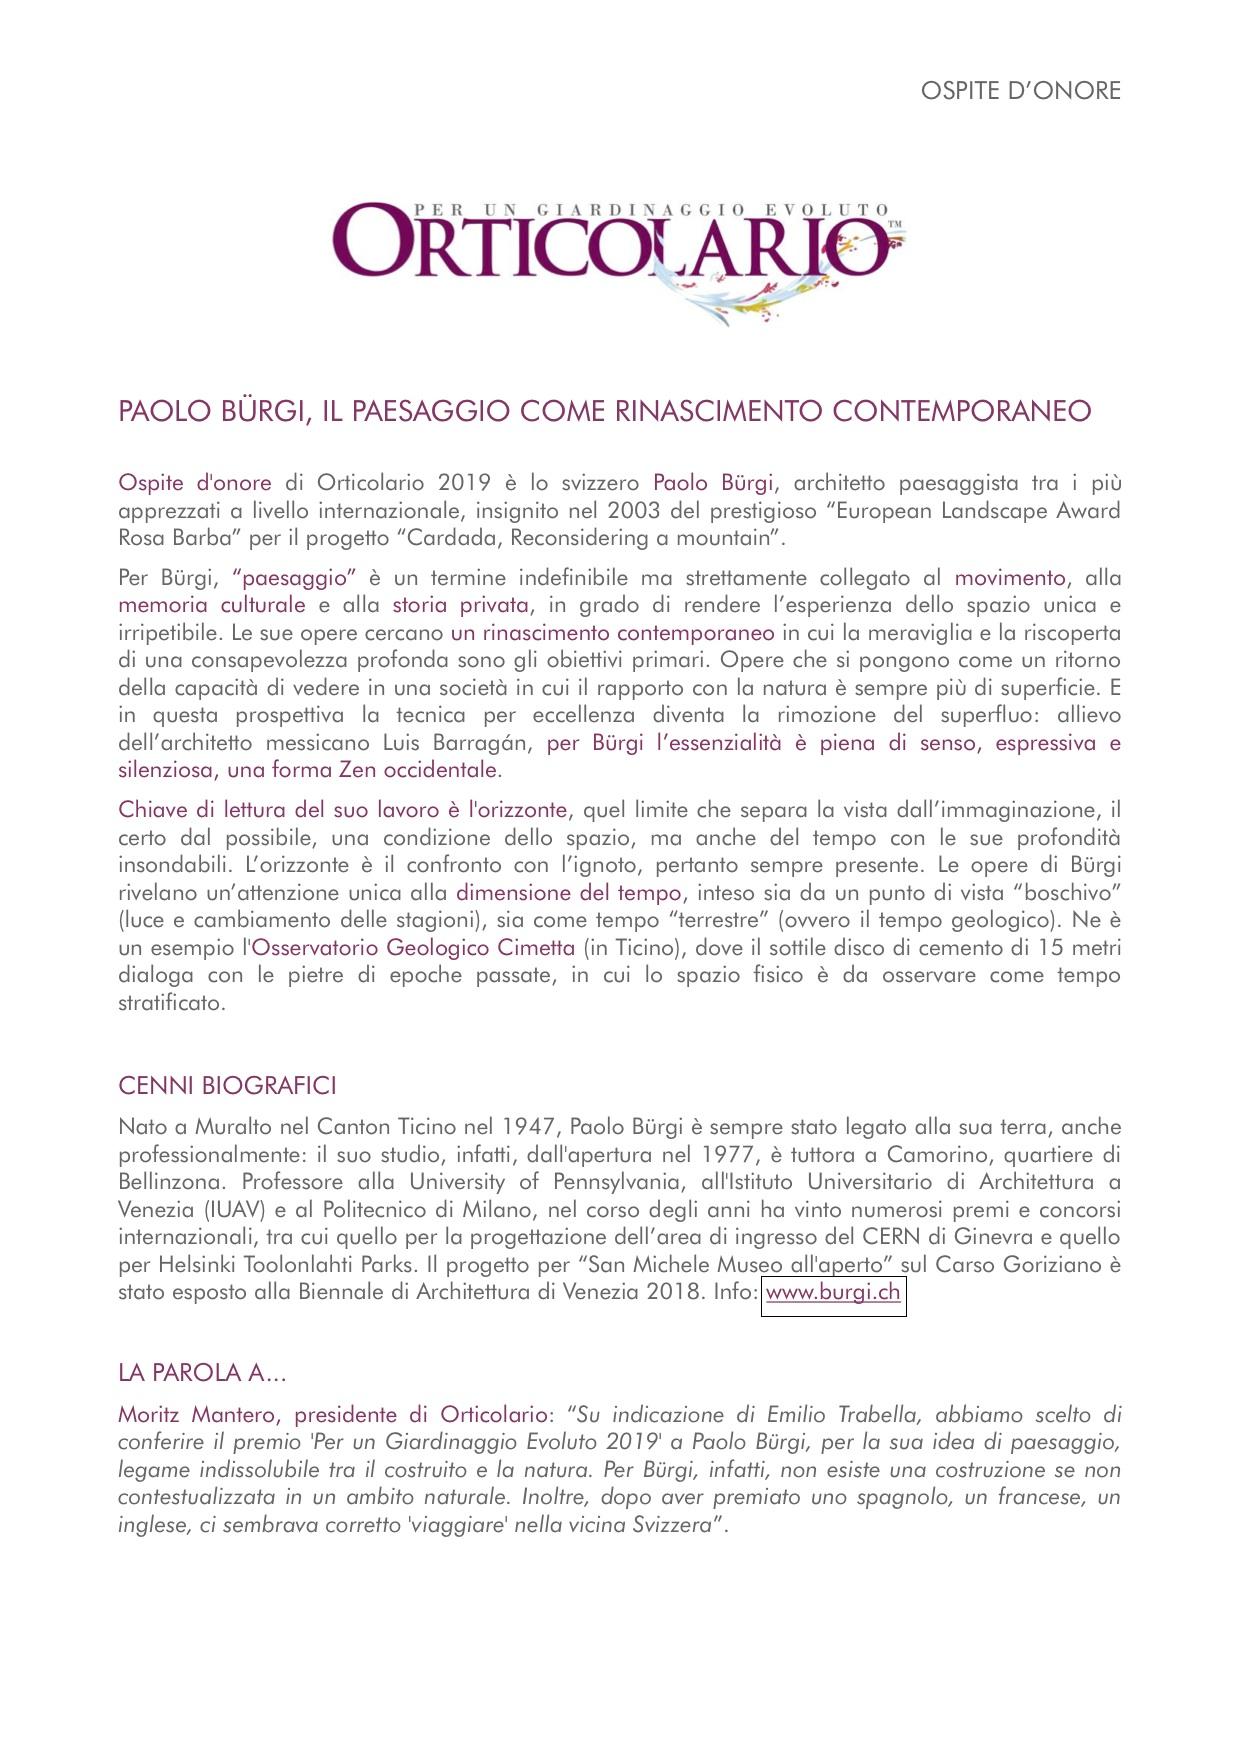 03-orticolario2019_ospite-donore